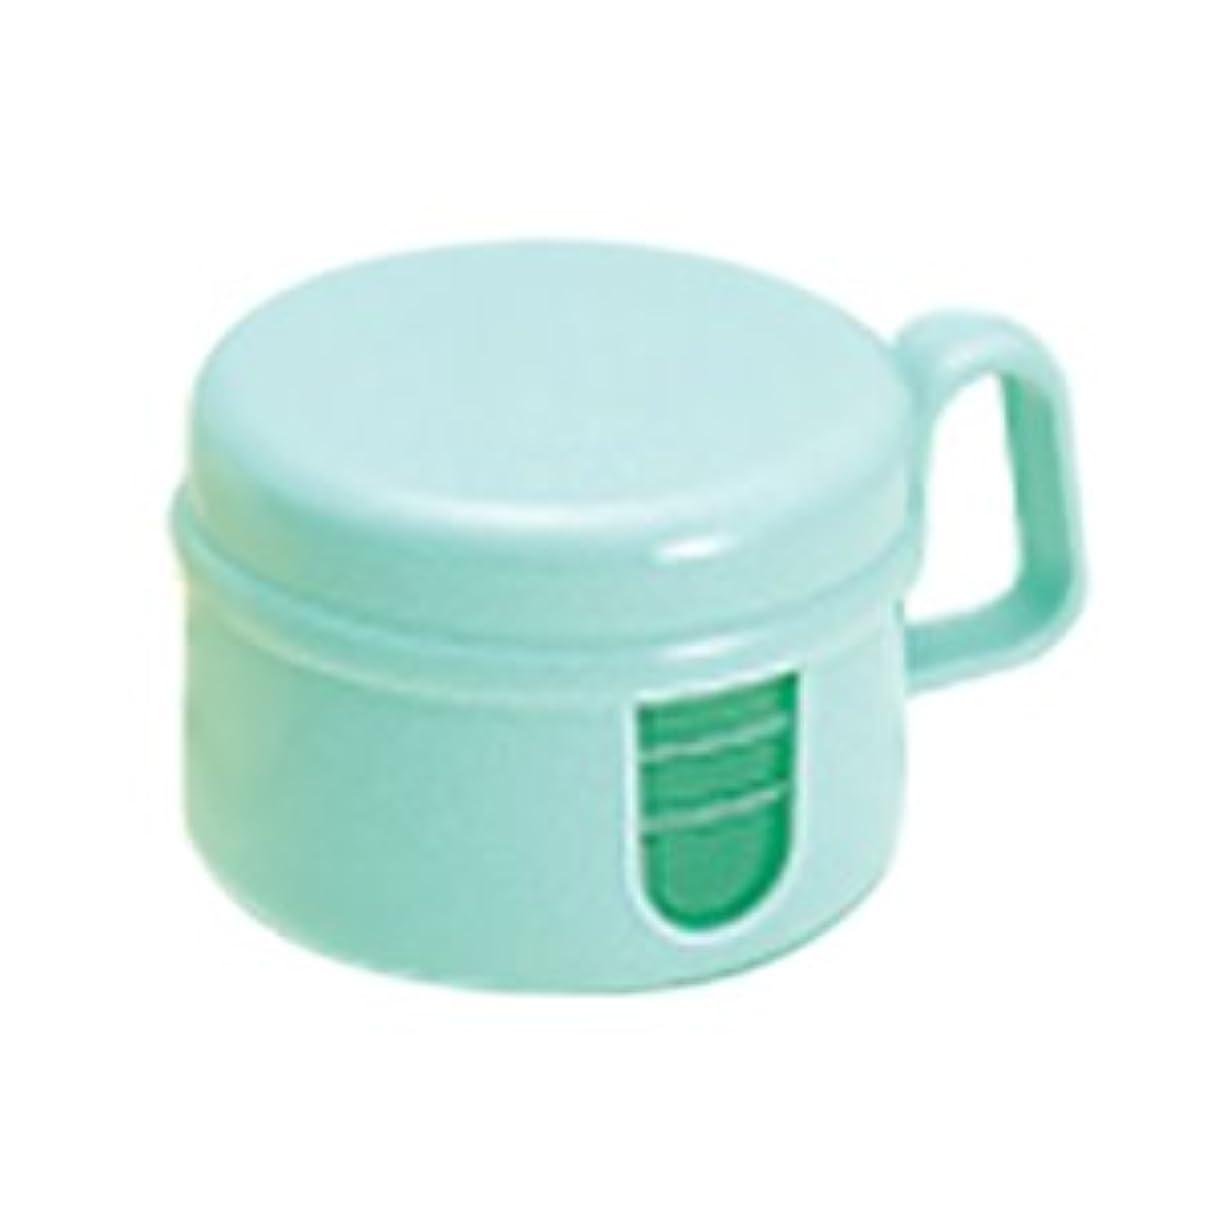 朝ごはんエンジン動詞松風 ピカ 入れ歯 洗浄保存容器 グリーン